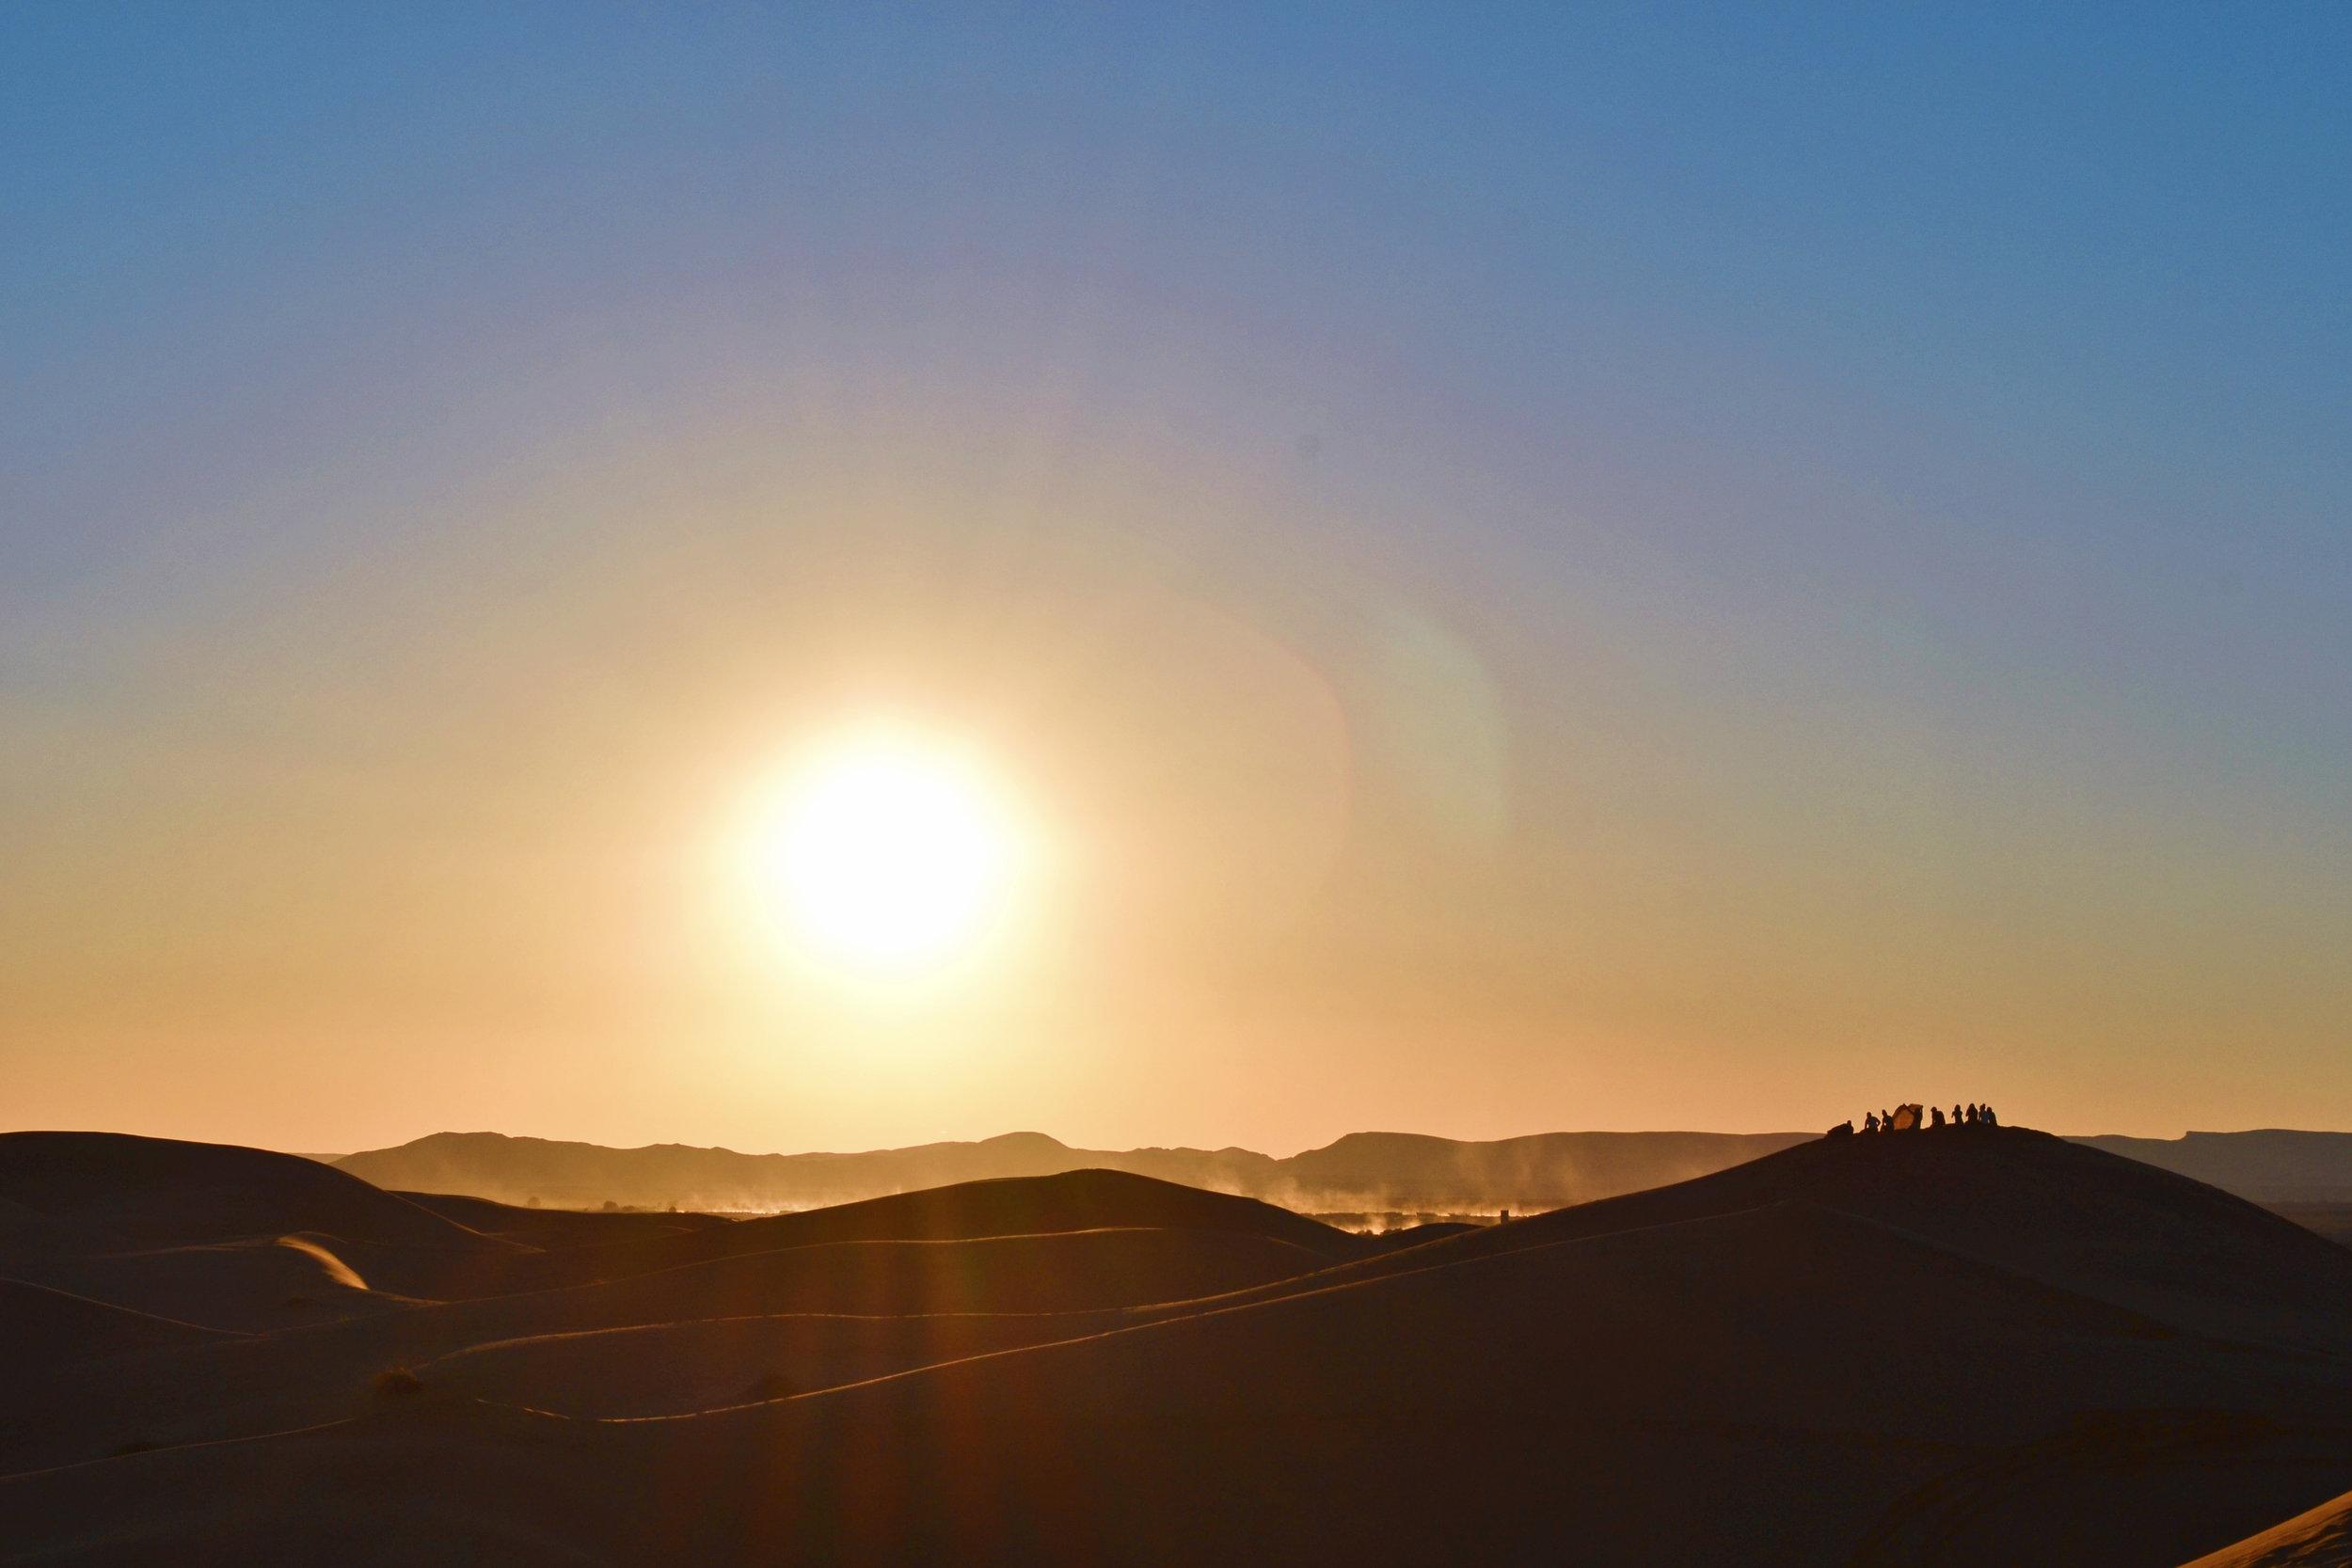 sunset at the sahara